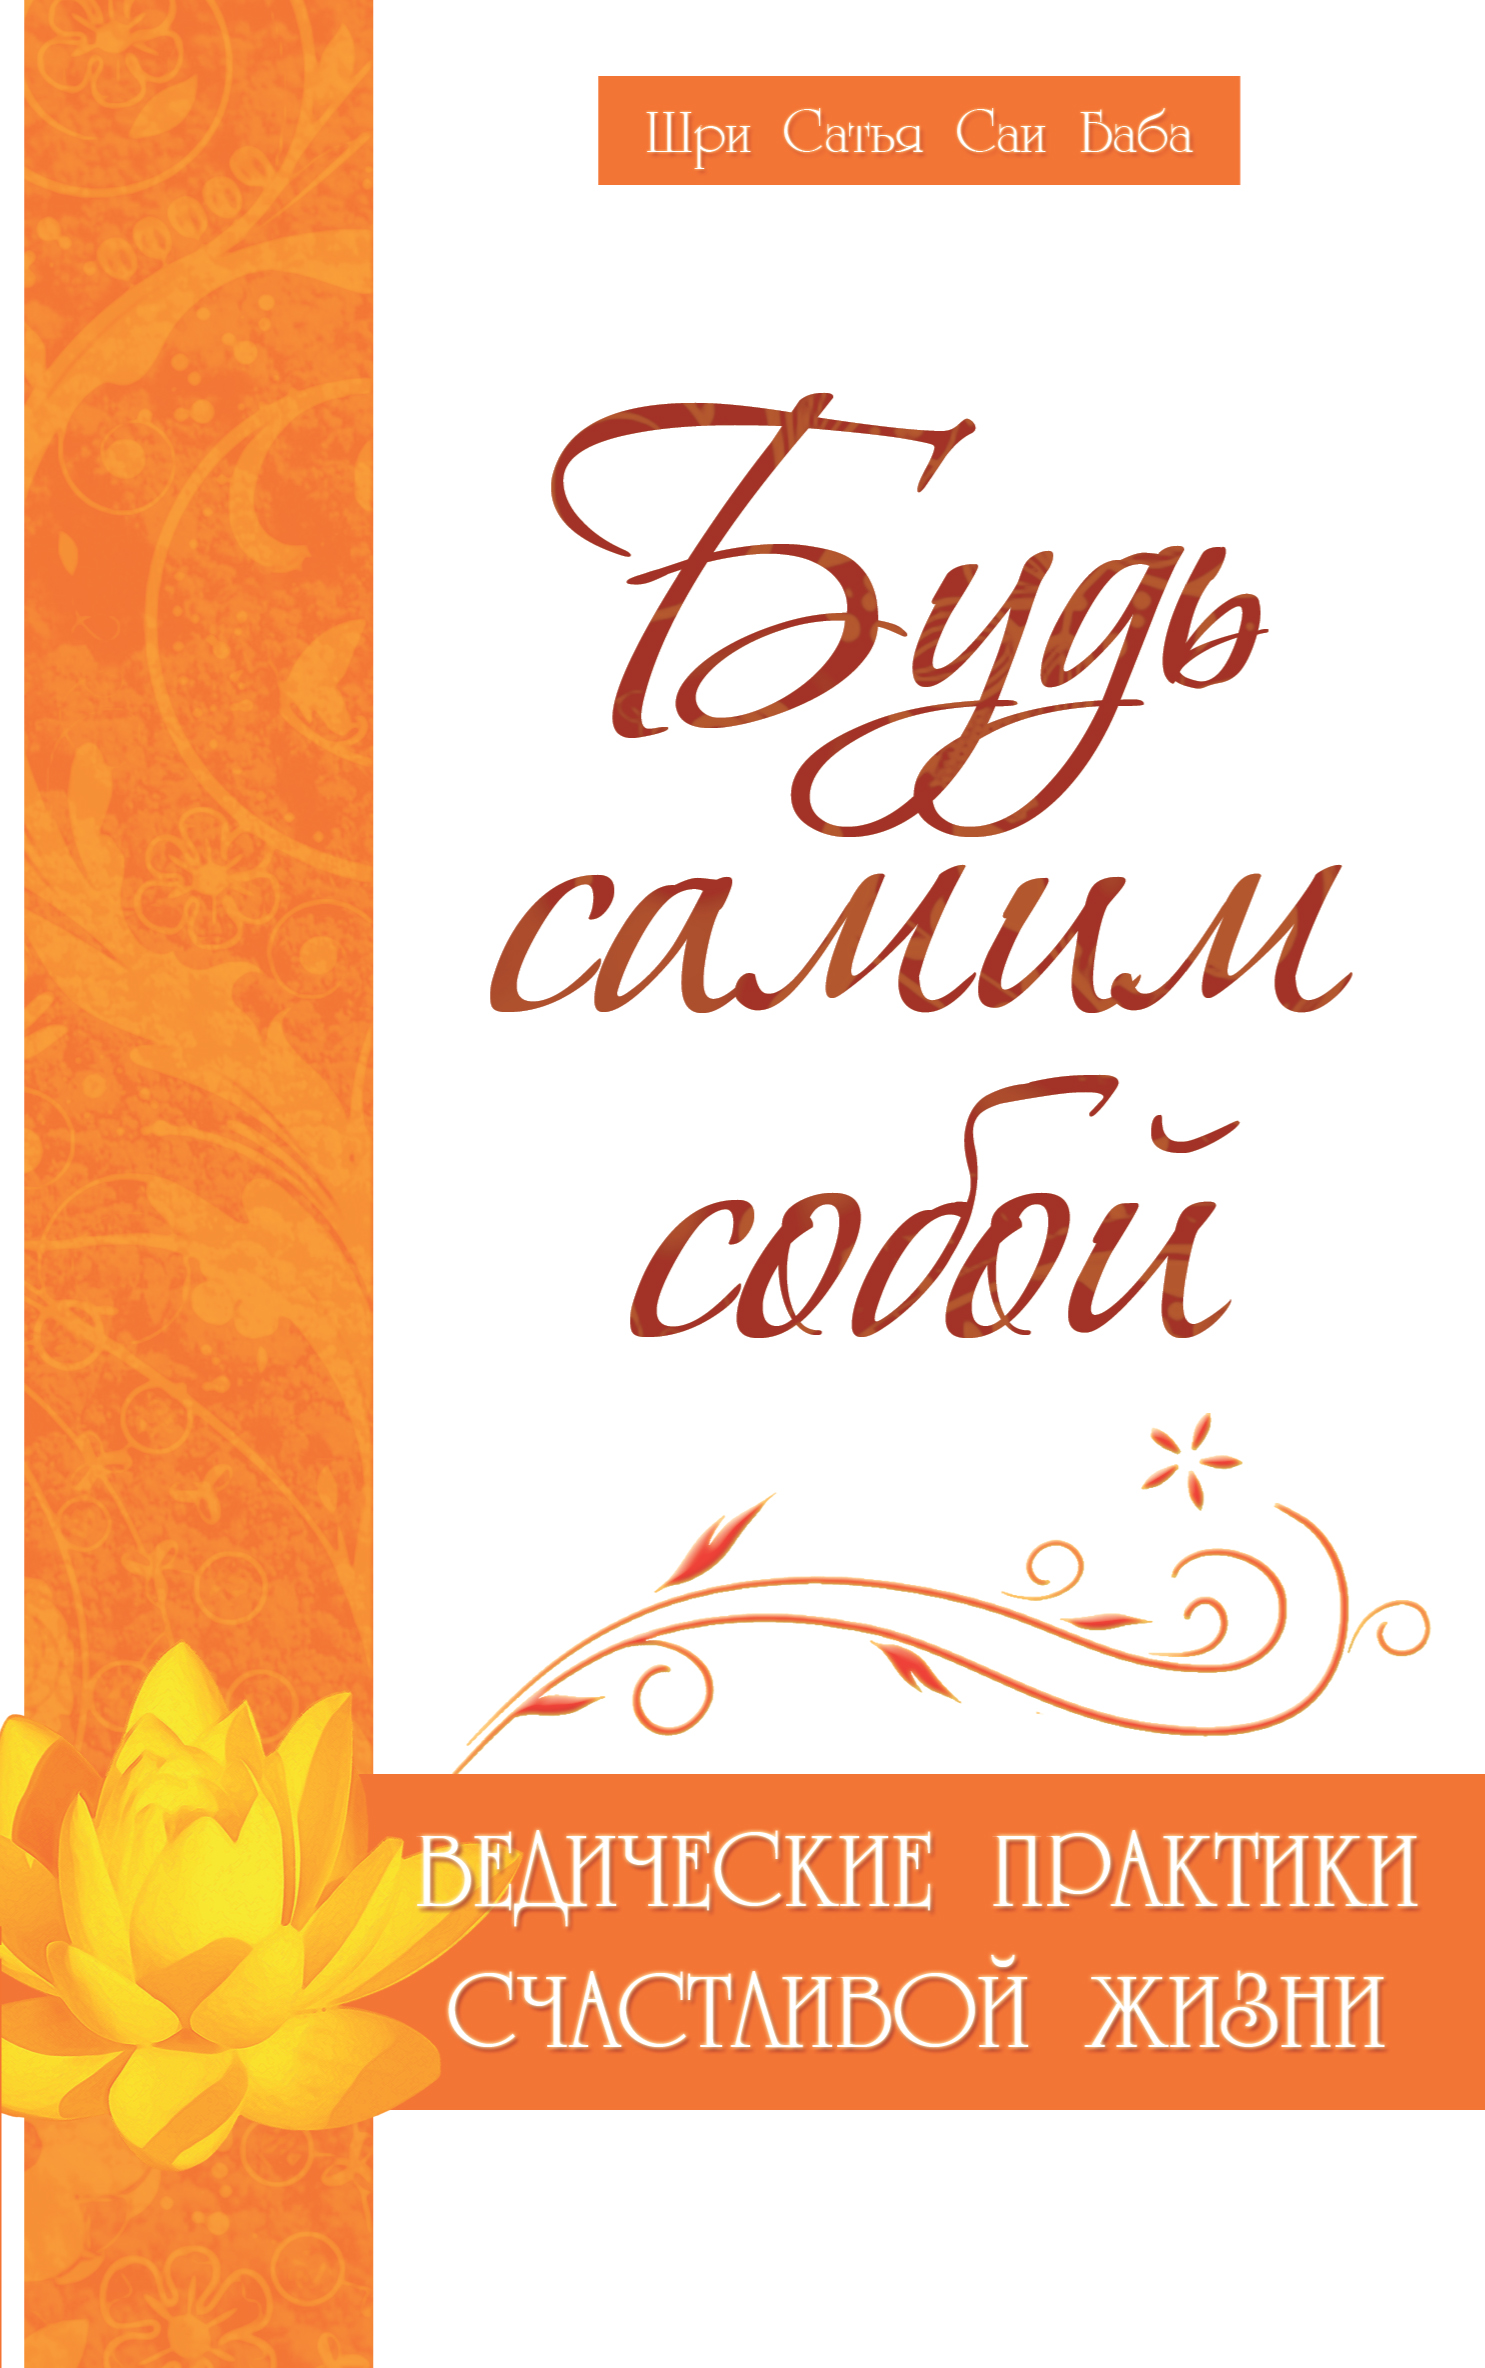 Будь самим собой. Ведические практики счастливой жизни.  2-е изд.